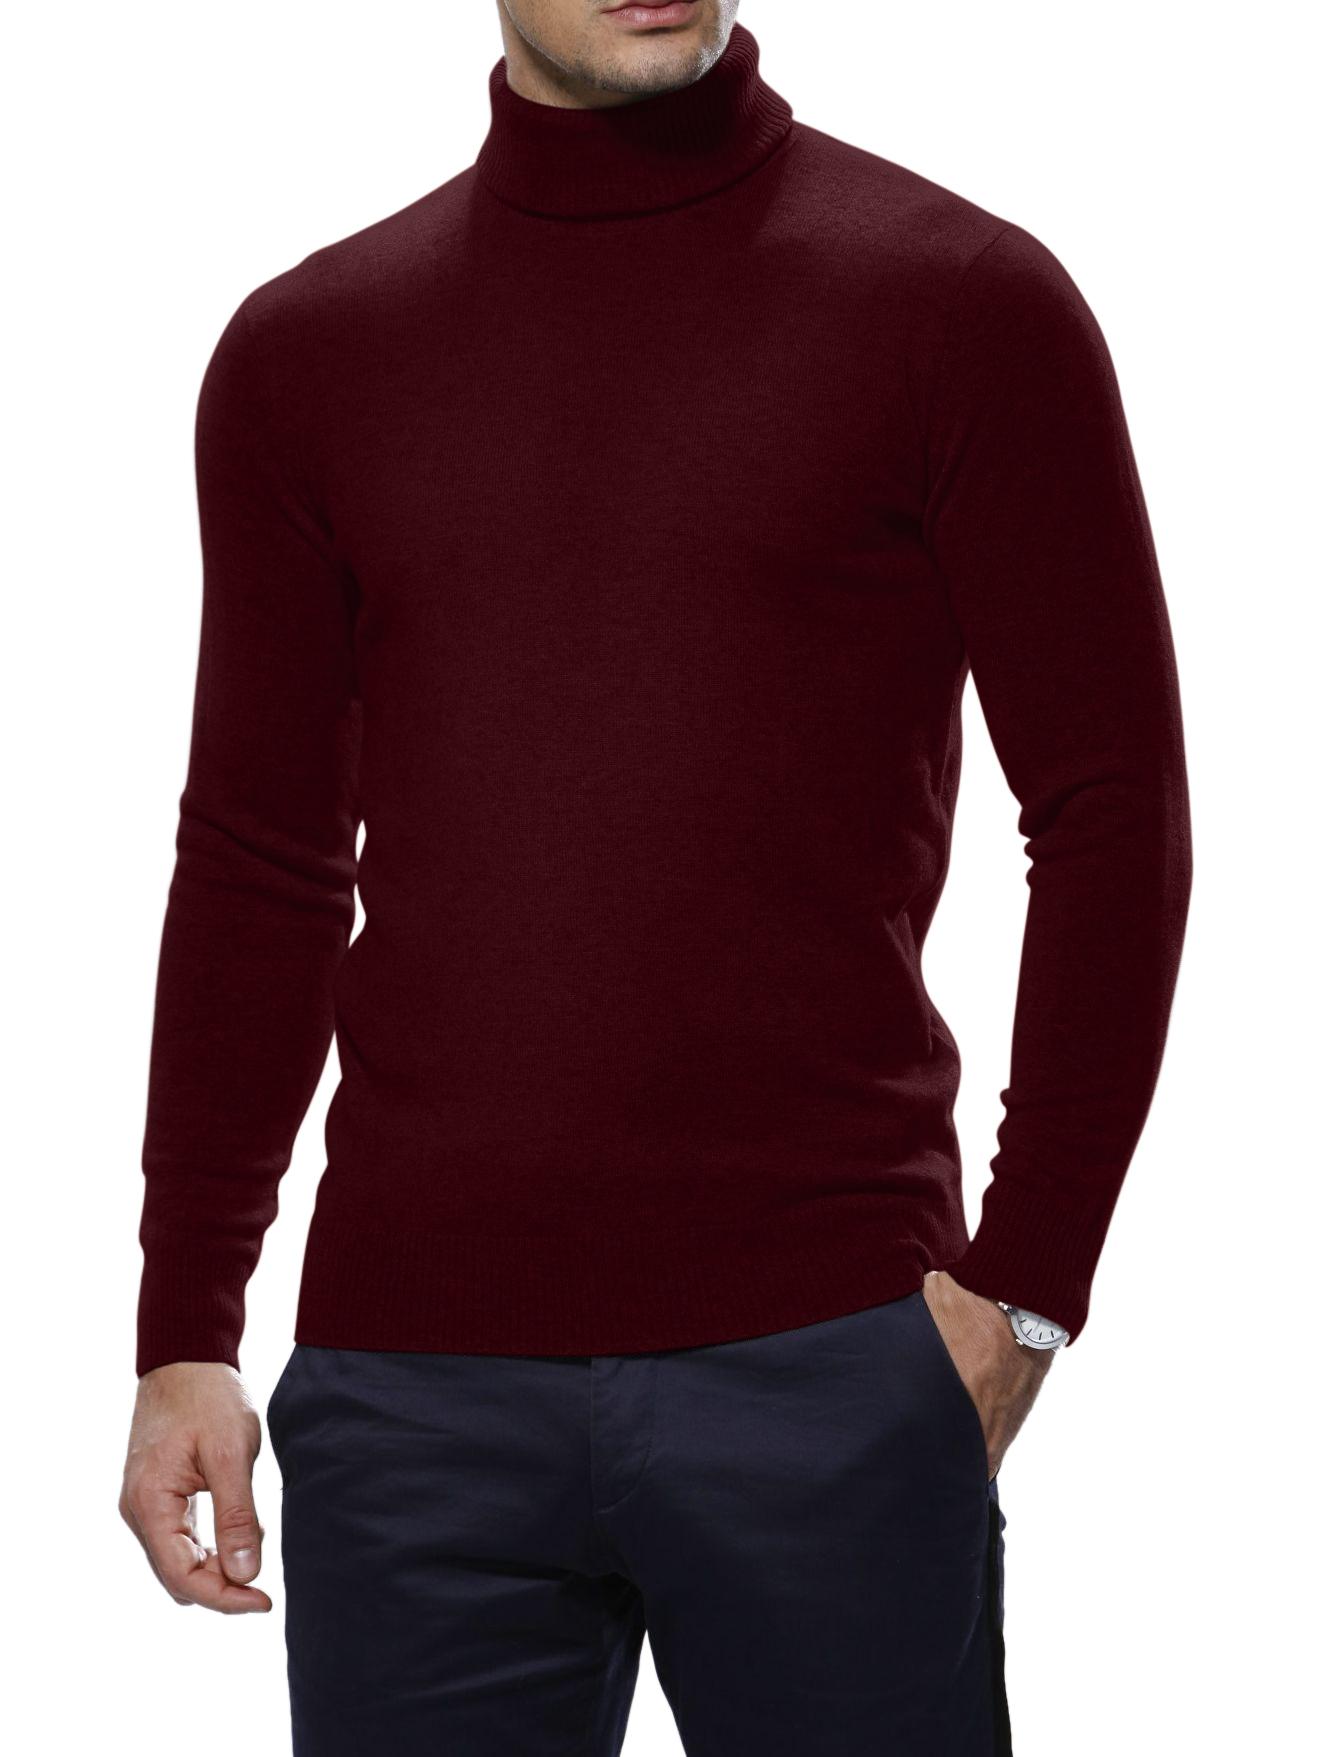 Dark Merlot Merino Wool Turtle Neck Sweater